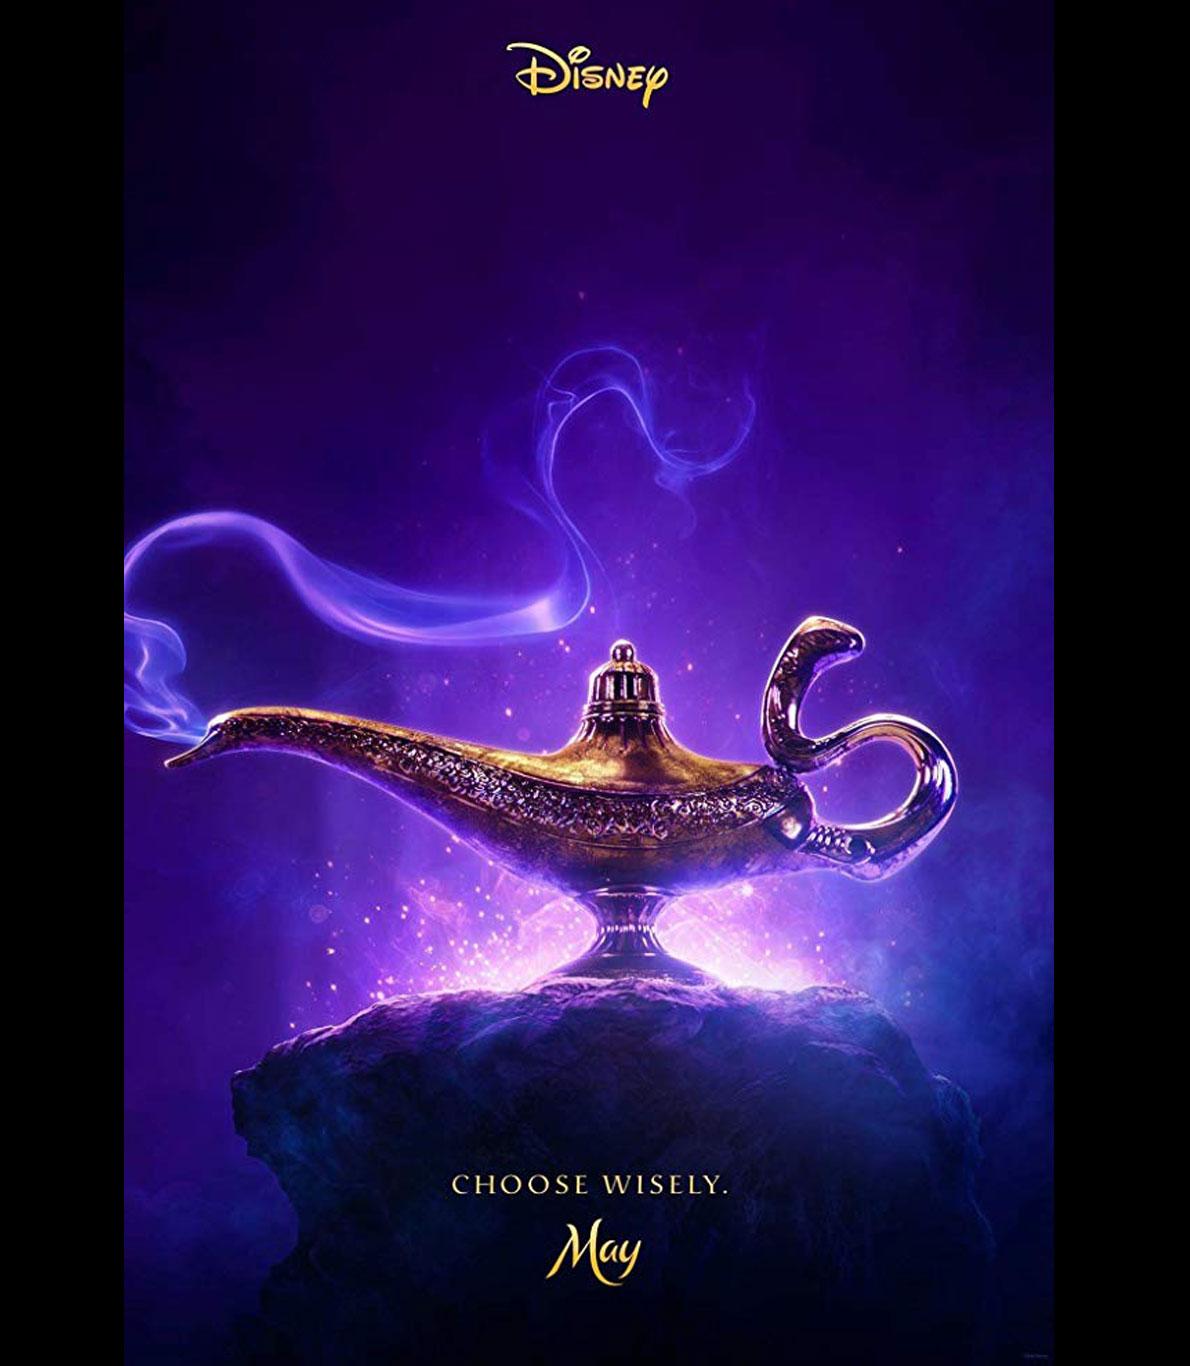 """Poster oficial do filme """"Aladdin"""", da Disney. O poster é todo em tons de roxo e no centro encontra-se uma lâmpada dourada, com detalhes intrincados e muito bela. Deduz-se facilmente que seja a lâmpada do génio, o amigo de Aladdin."""